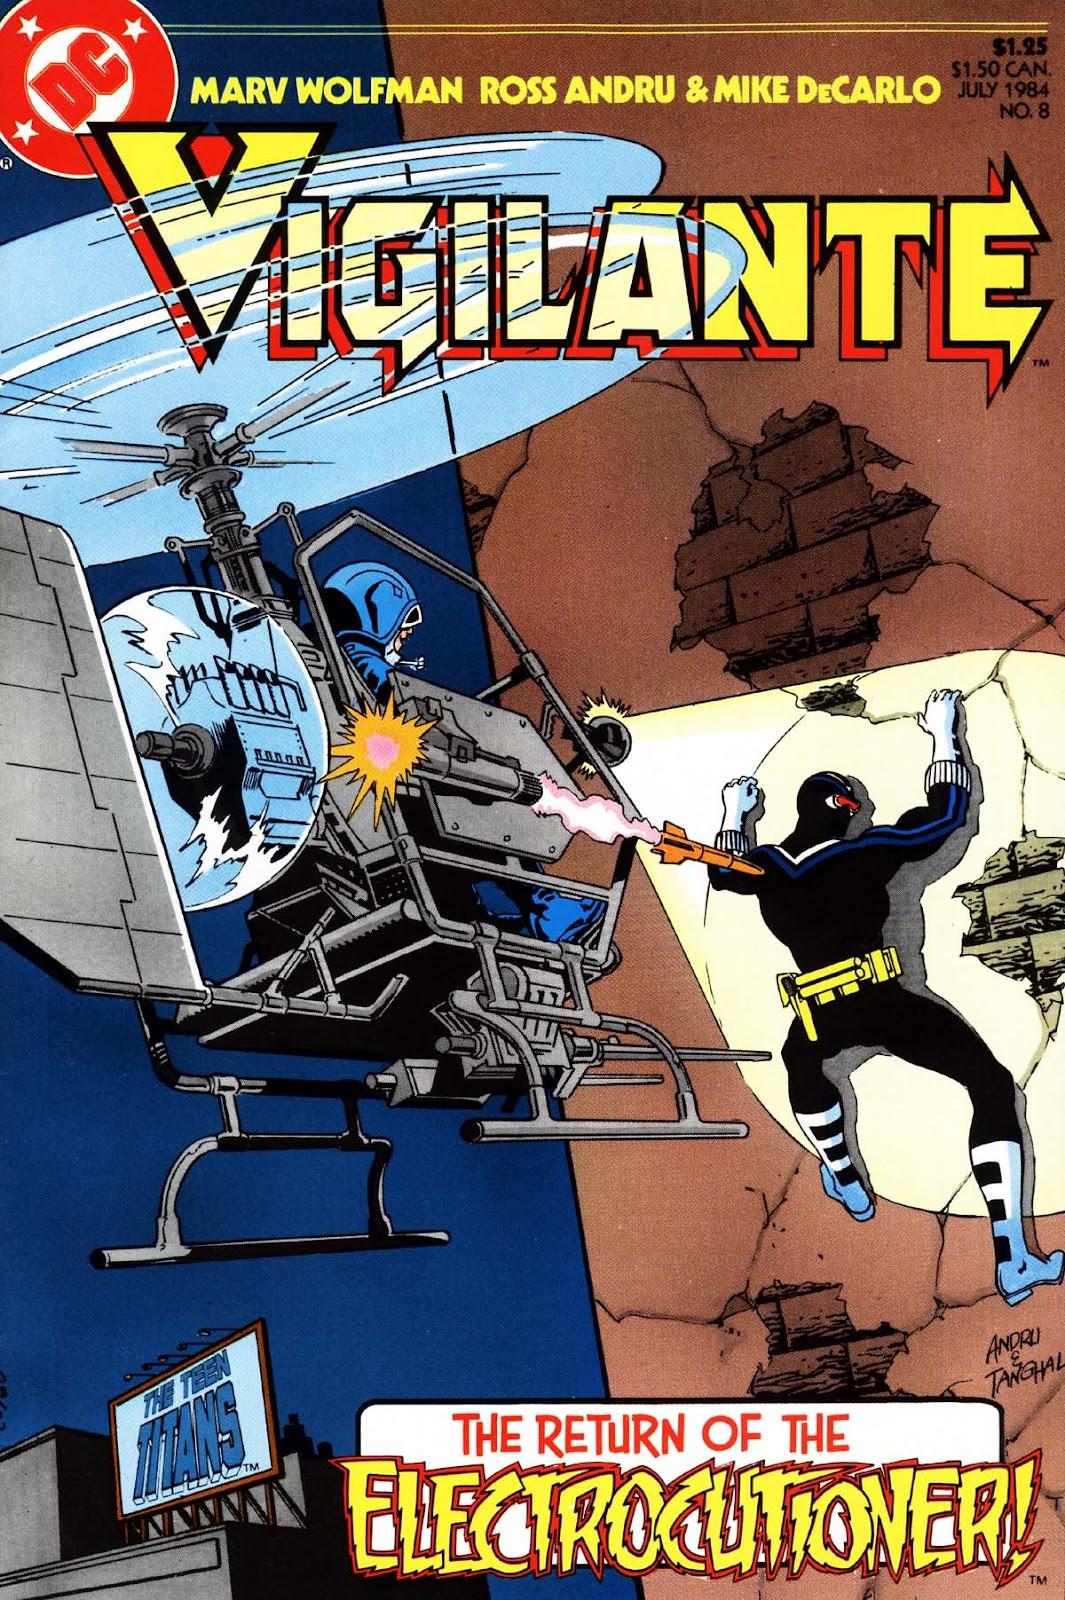 Vigilante (1983) issue 8 - Page 1